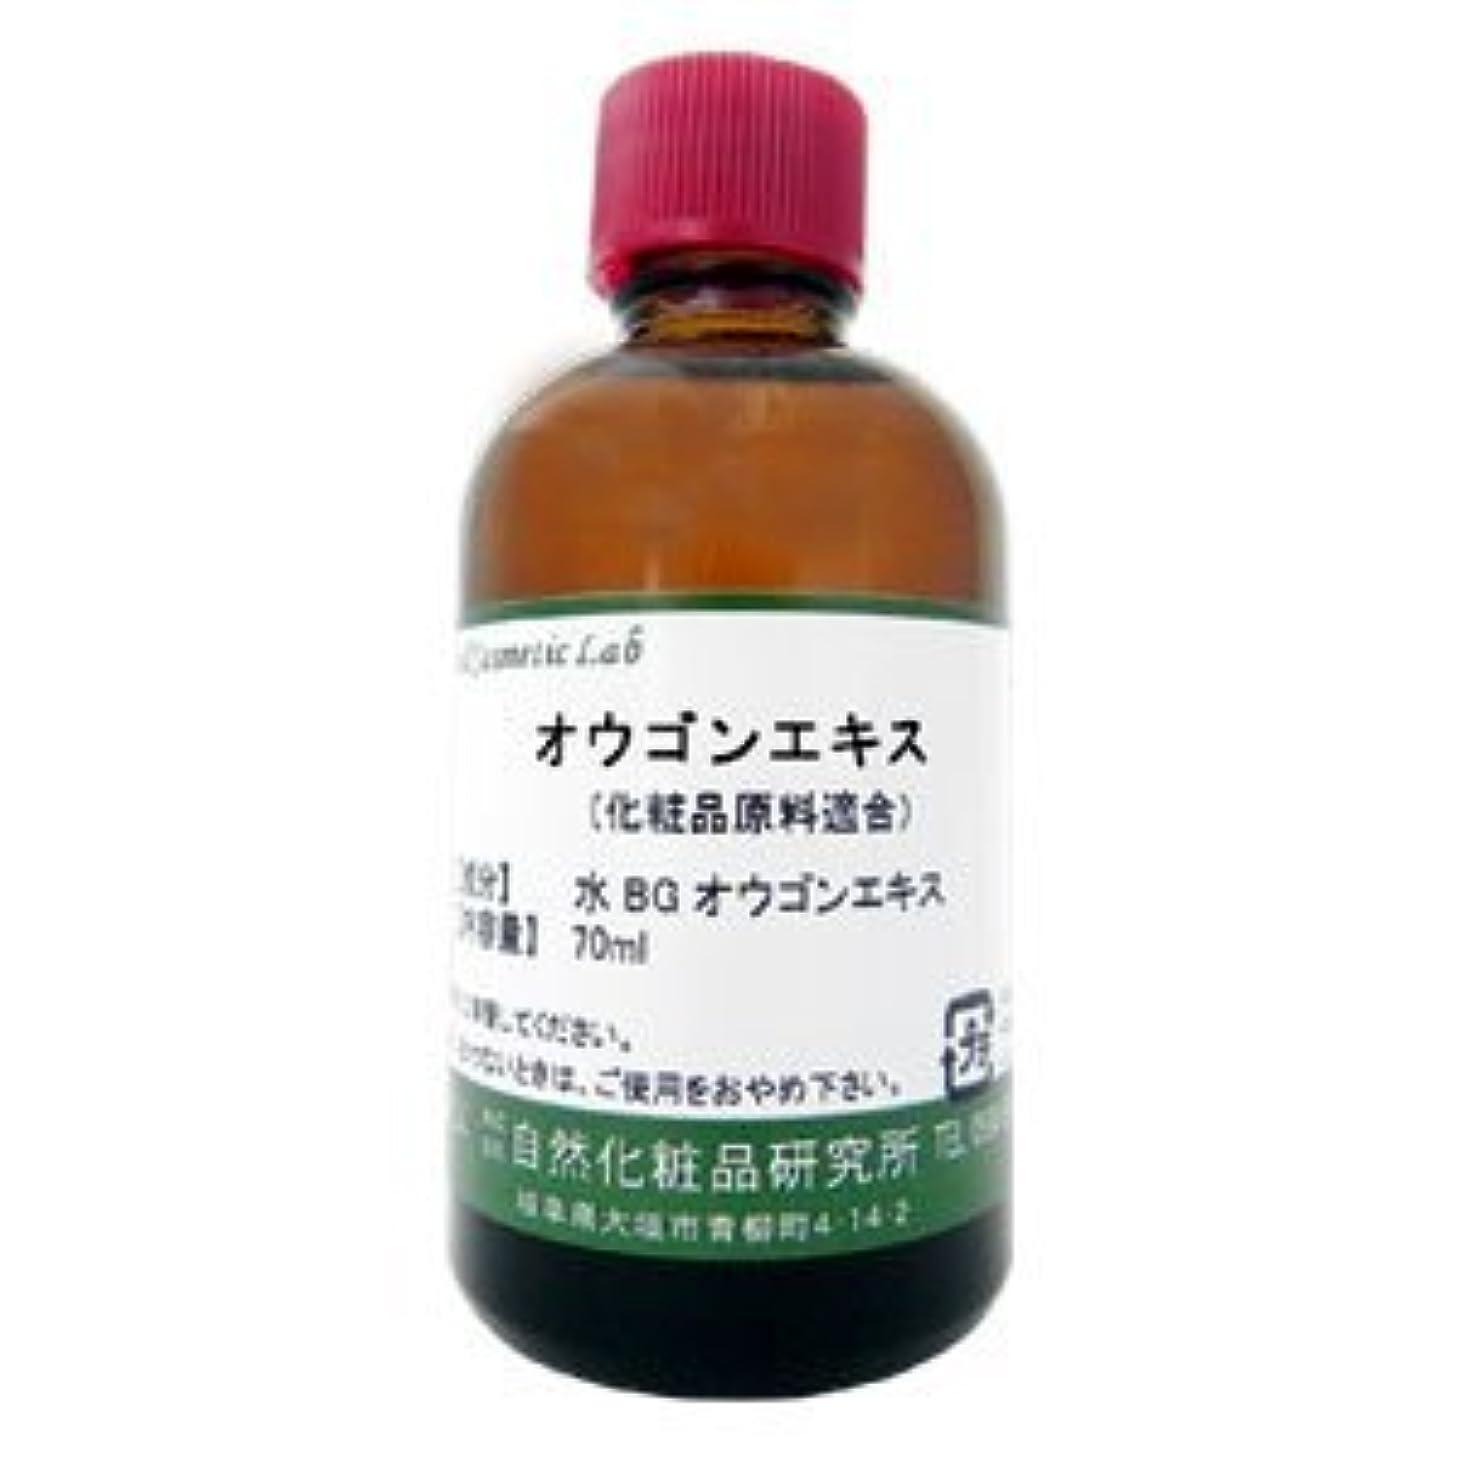 オウゴンエキス 70ml 【手作り化粧品原料】